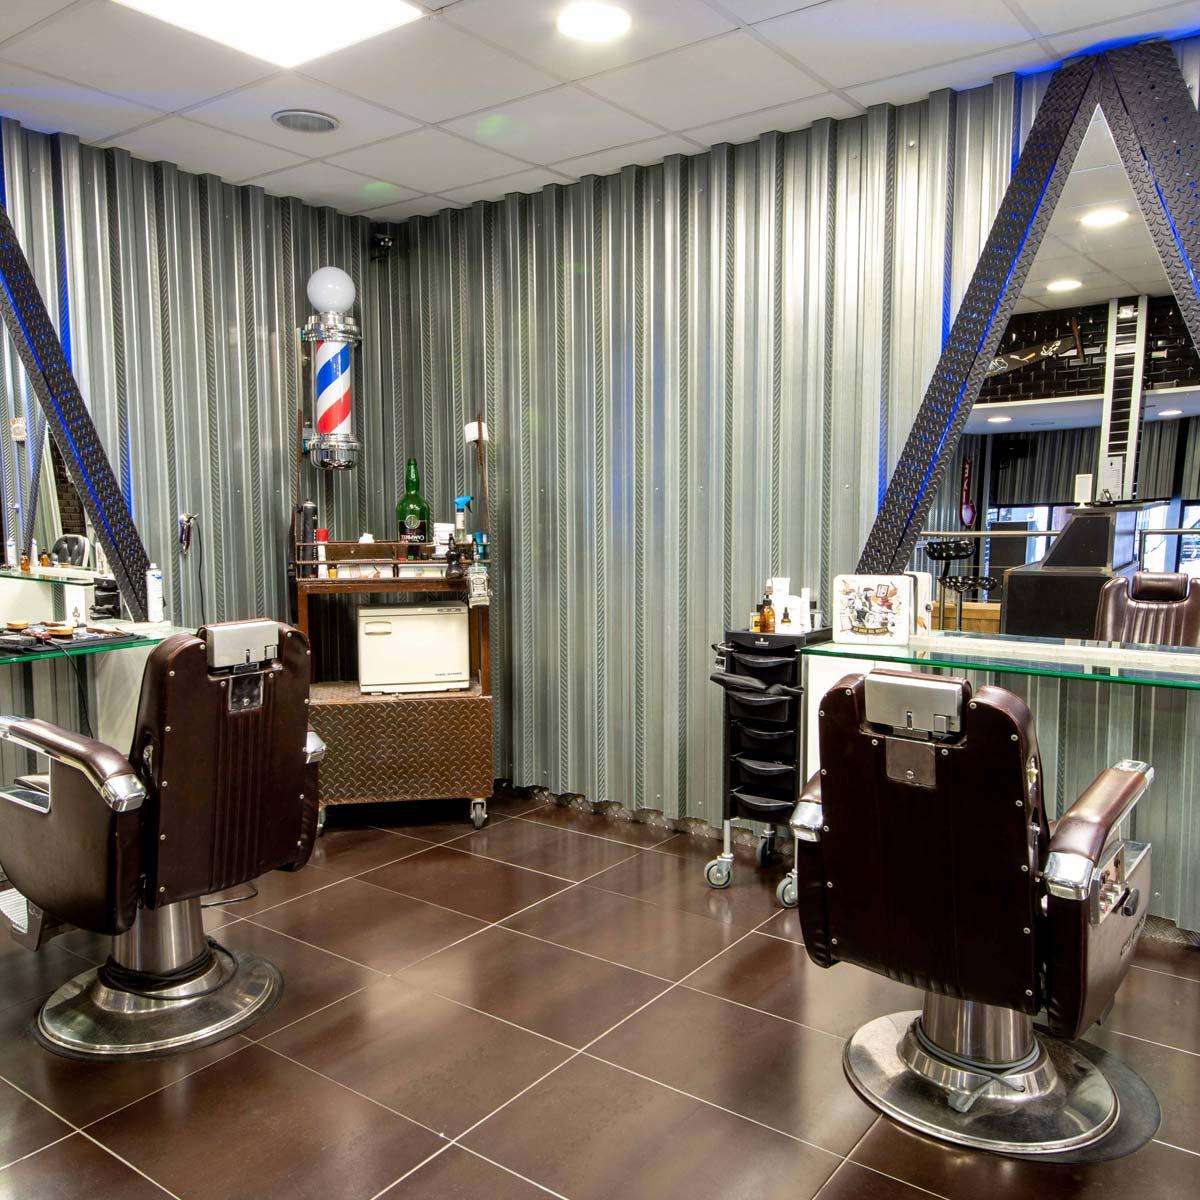 salon-de-coiffure-franchise-groupe-ppd-nouvel-hair-lhomme-03